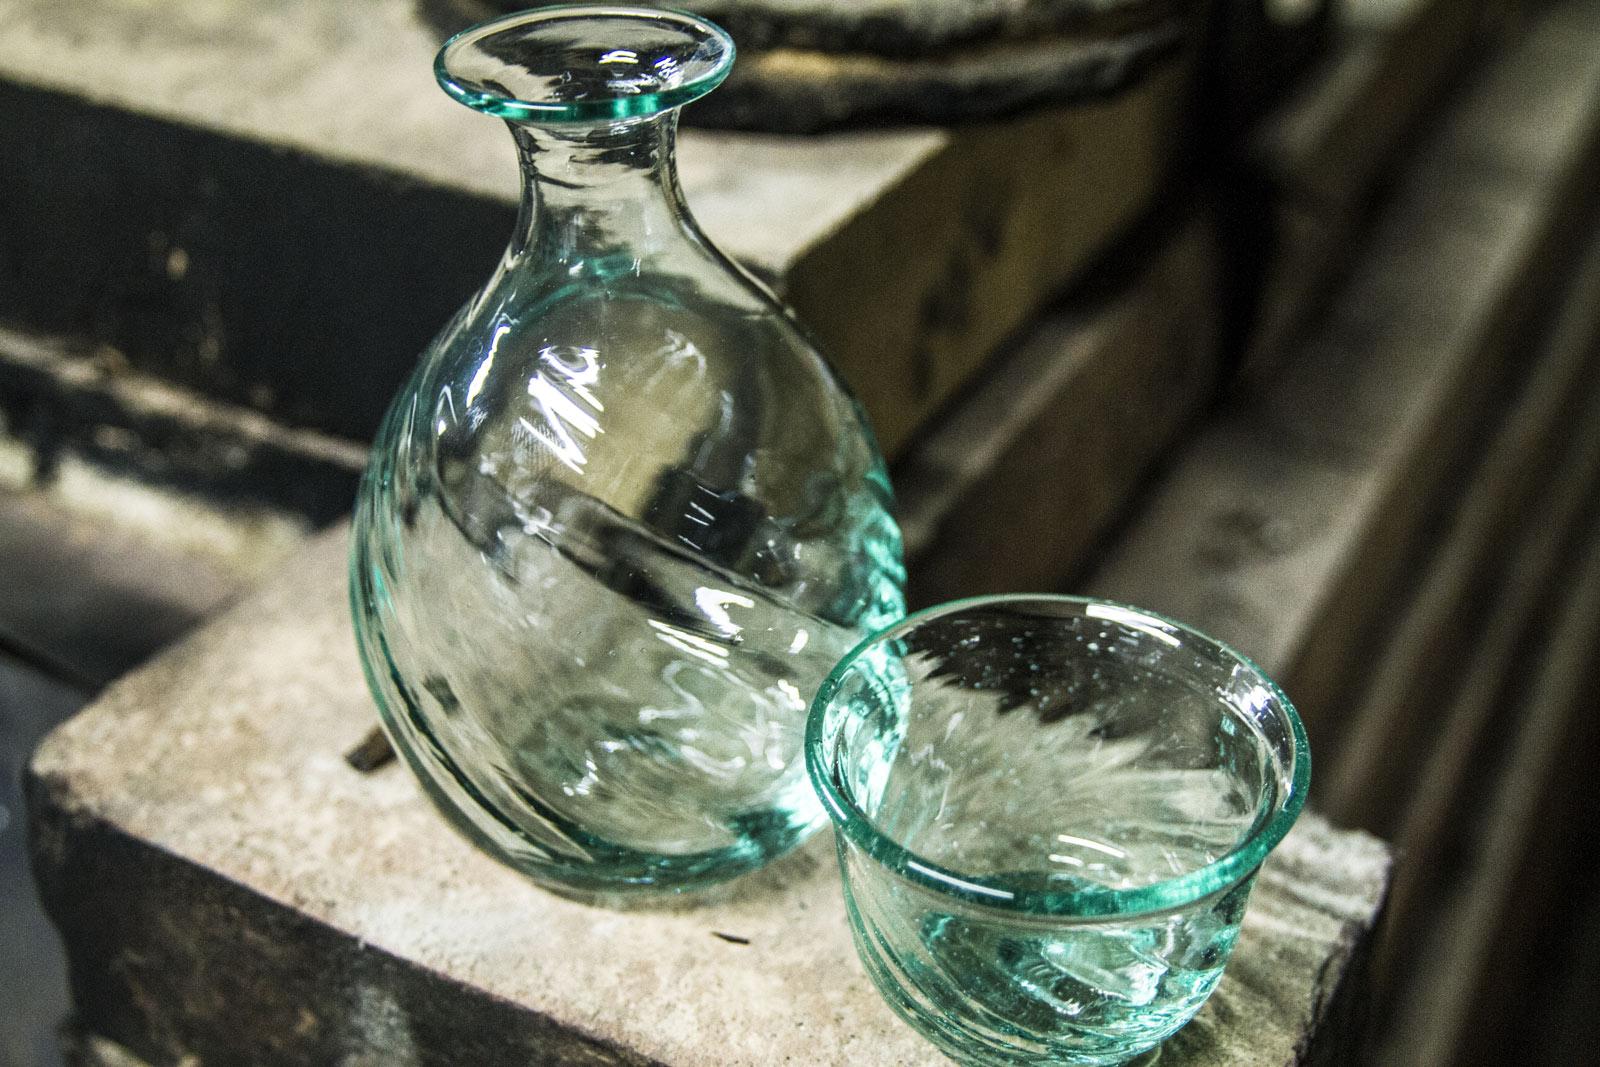 倉敷ガラスの飾り気の無い色や形は、世界共通の魅力。